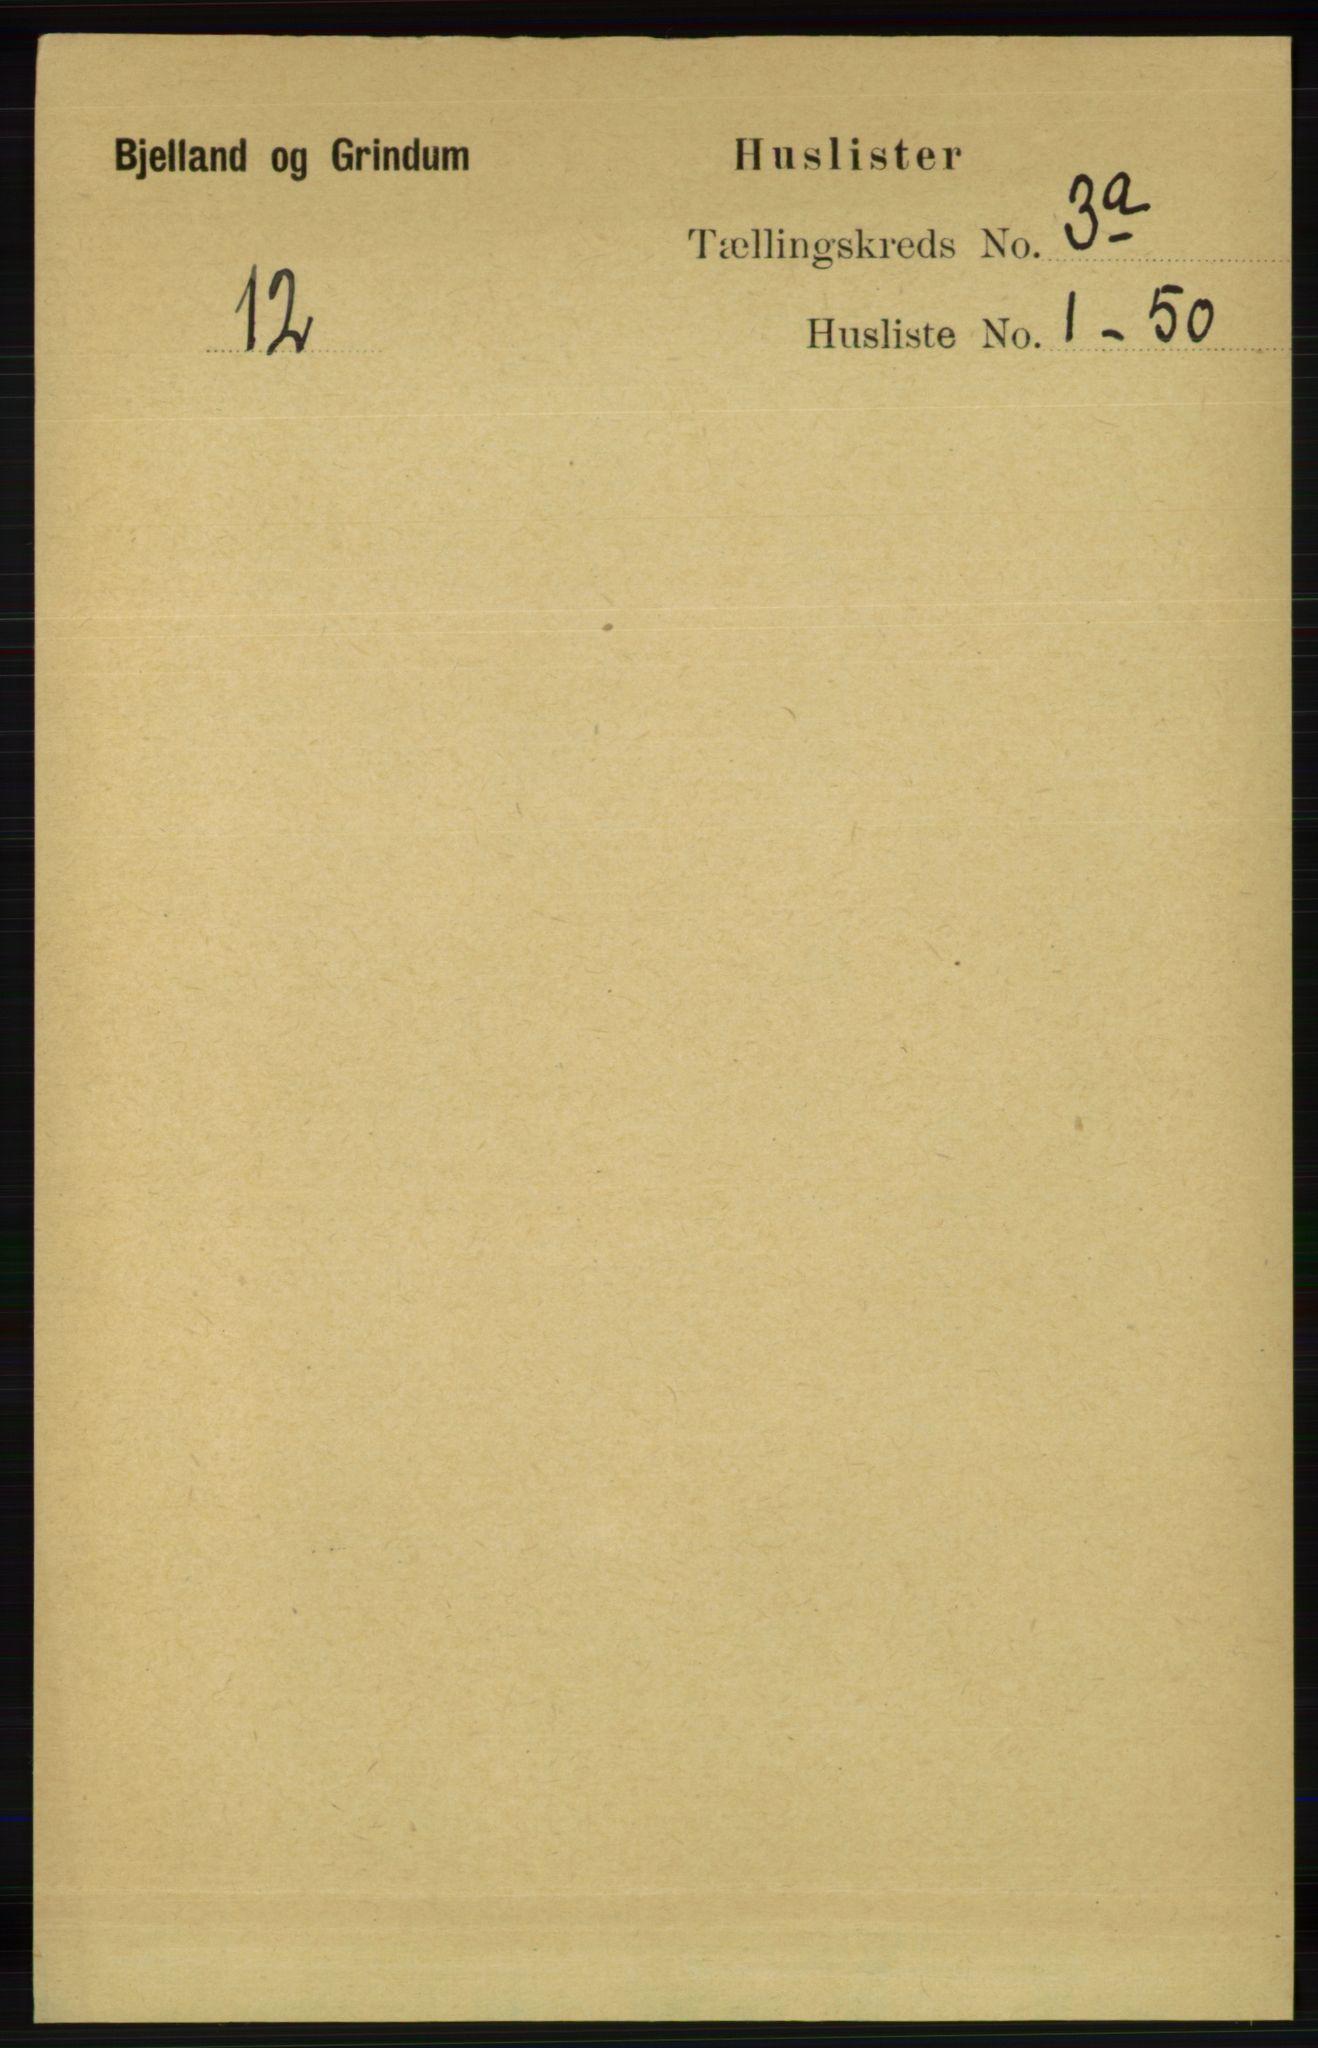 RA, Folketelling 1891 for 1024 Bjelland og Grindheim herred, 1891, s. 1405